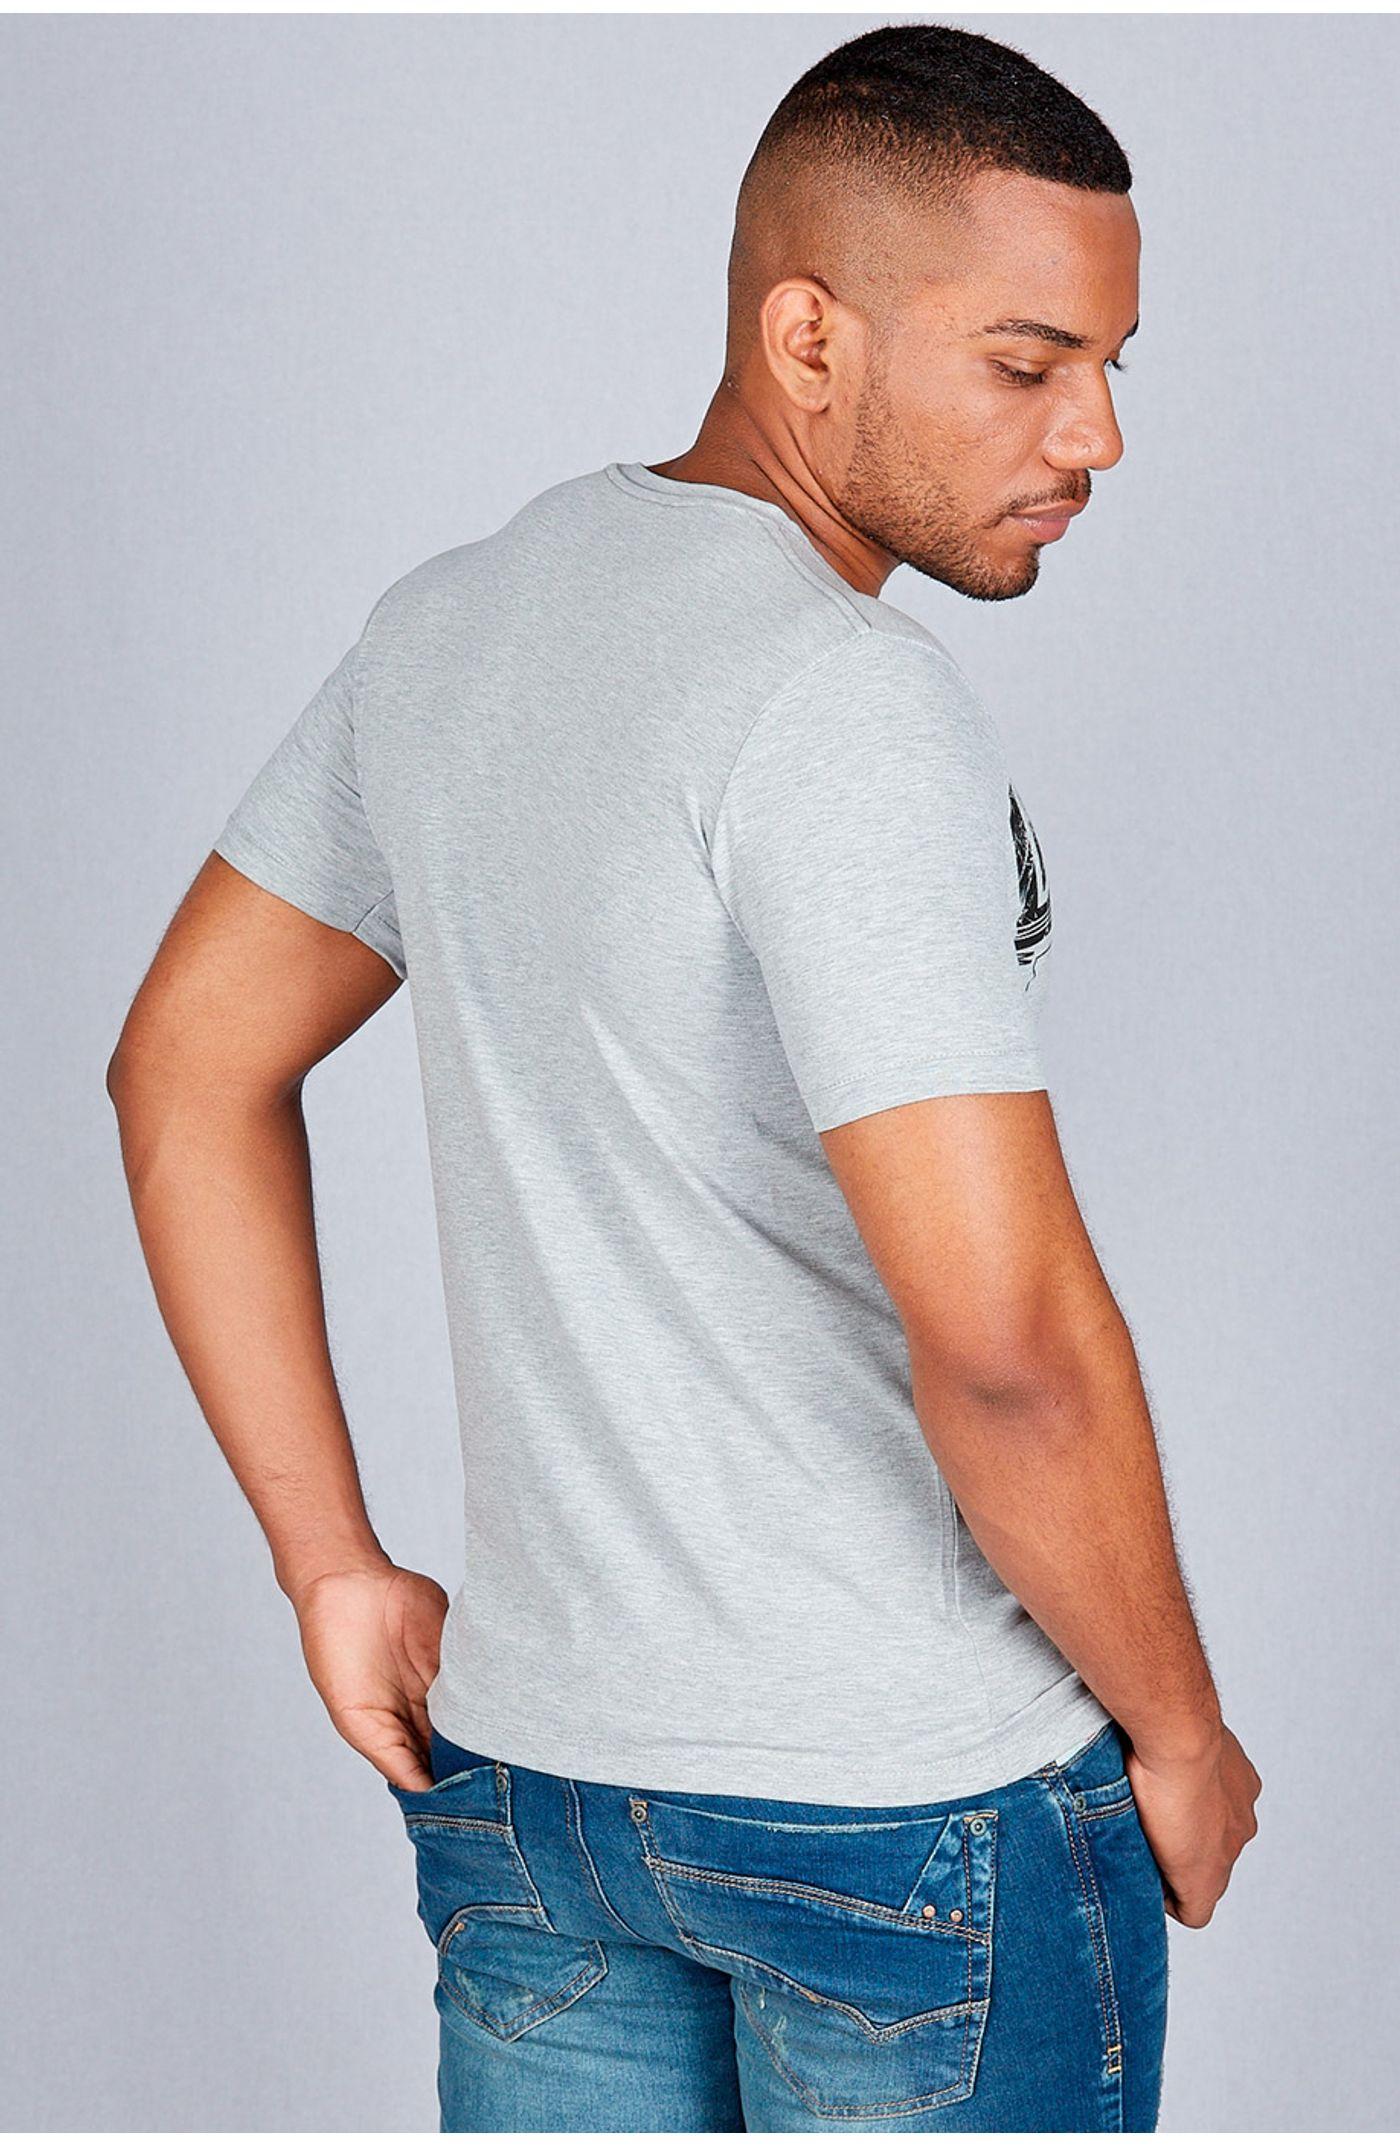 Redondo Nexxos ReferenciaCtsh238 Camiseta Ropa 037505 Cuello UVSqGzMp